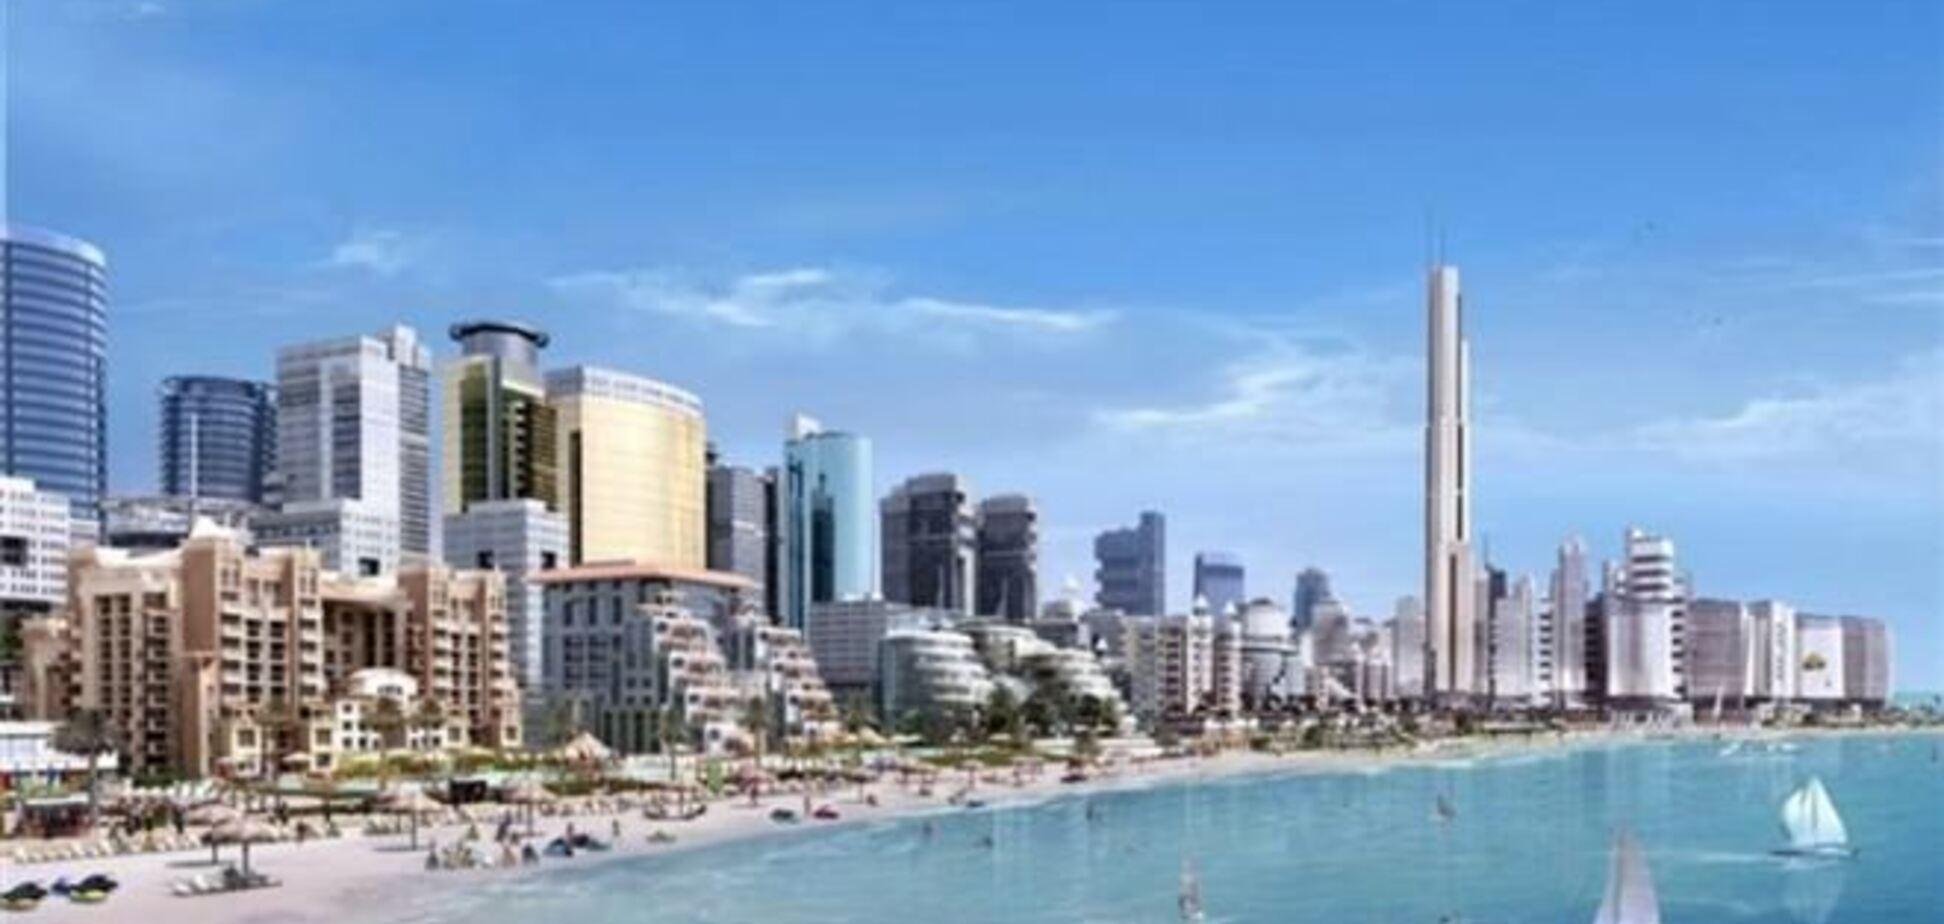 За год цены на недвижимость в Дубае выросли на 18%